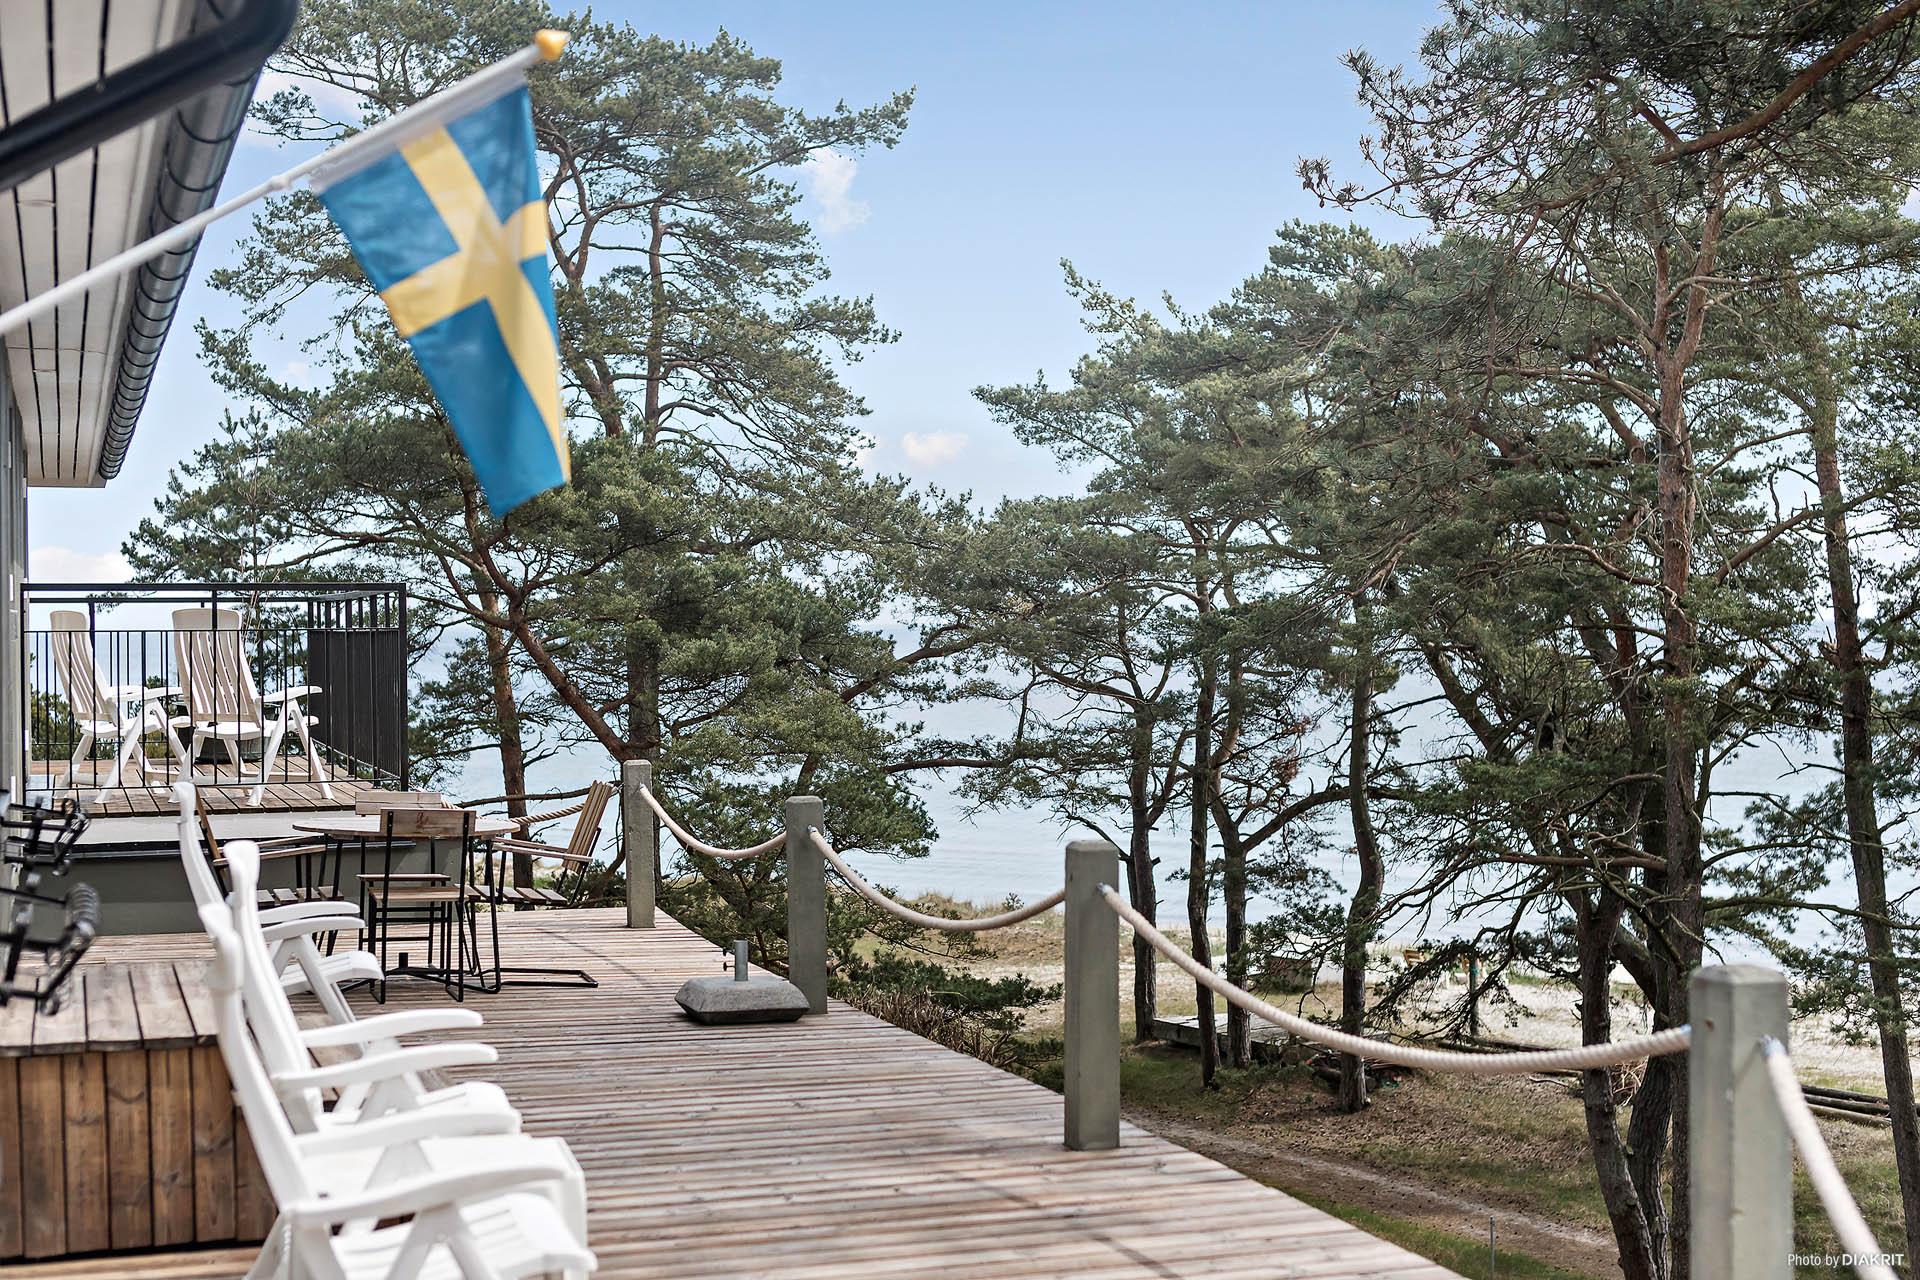 Vilken vy, vilket läge, vilken underbar plats! Välkommen till Glansabovägen 1a på Södra Äspet i Åhus!